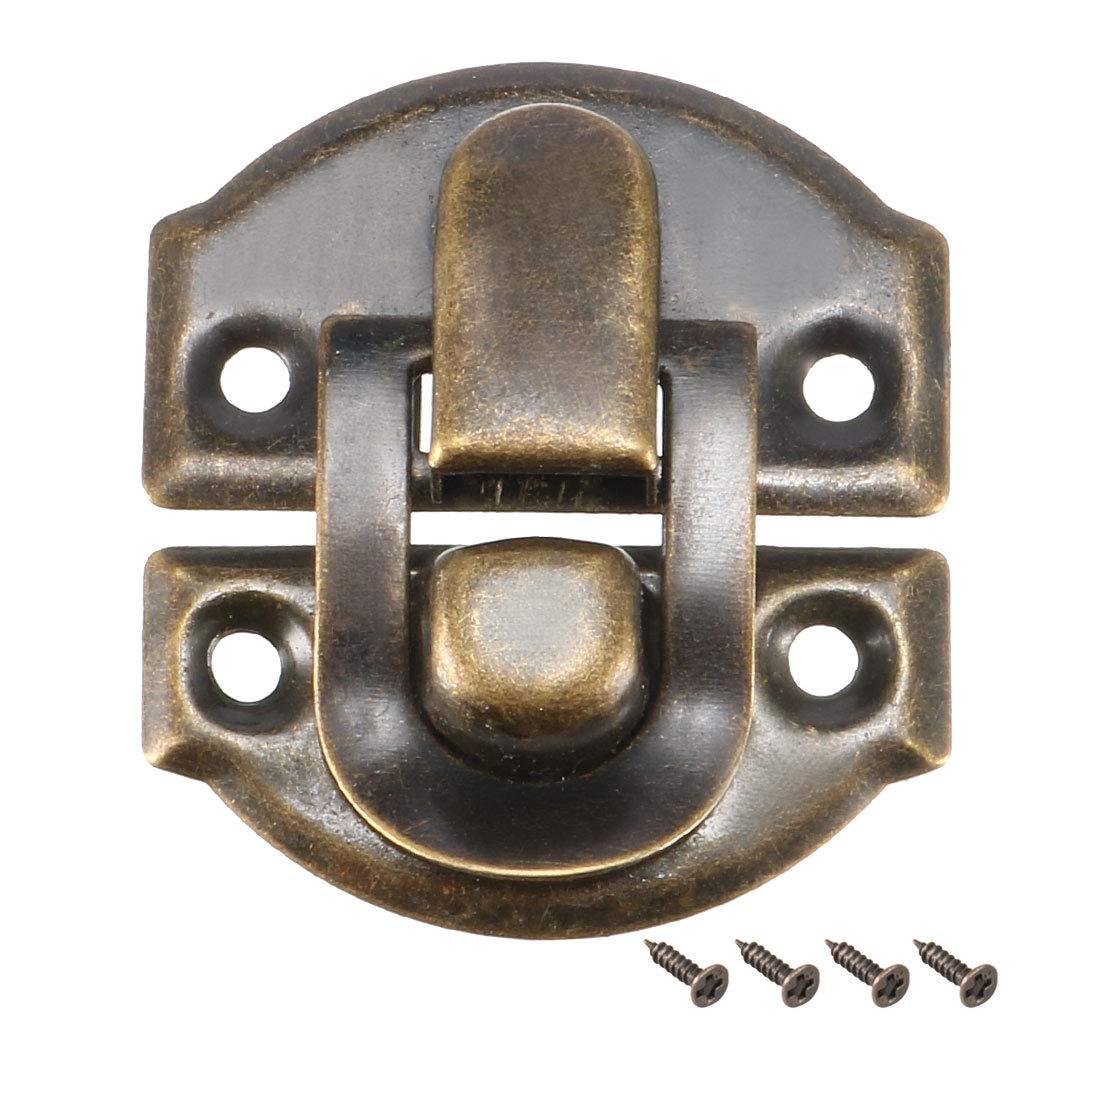 sourcing map Cerradura de la caja 62mm x 40mm estilo retro decorativas Joyerí a Cierre del Agarre de Caja w tornillos 4 pcs